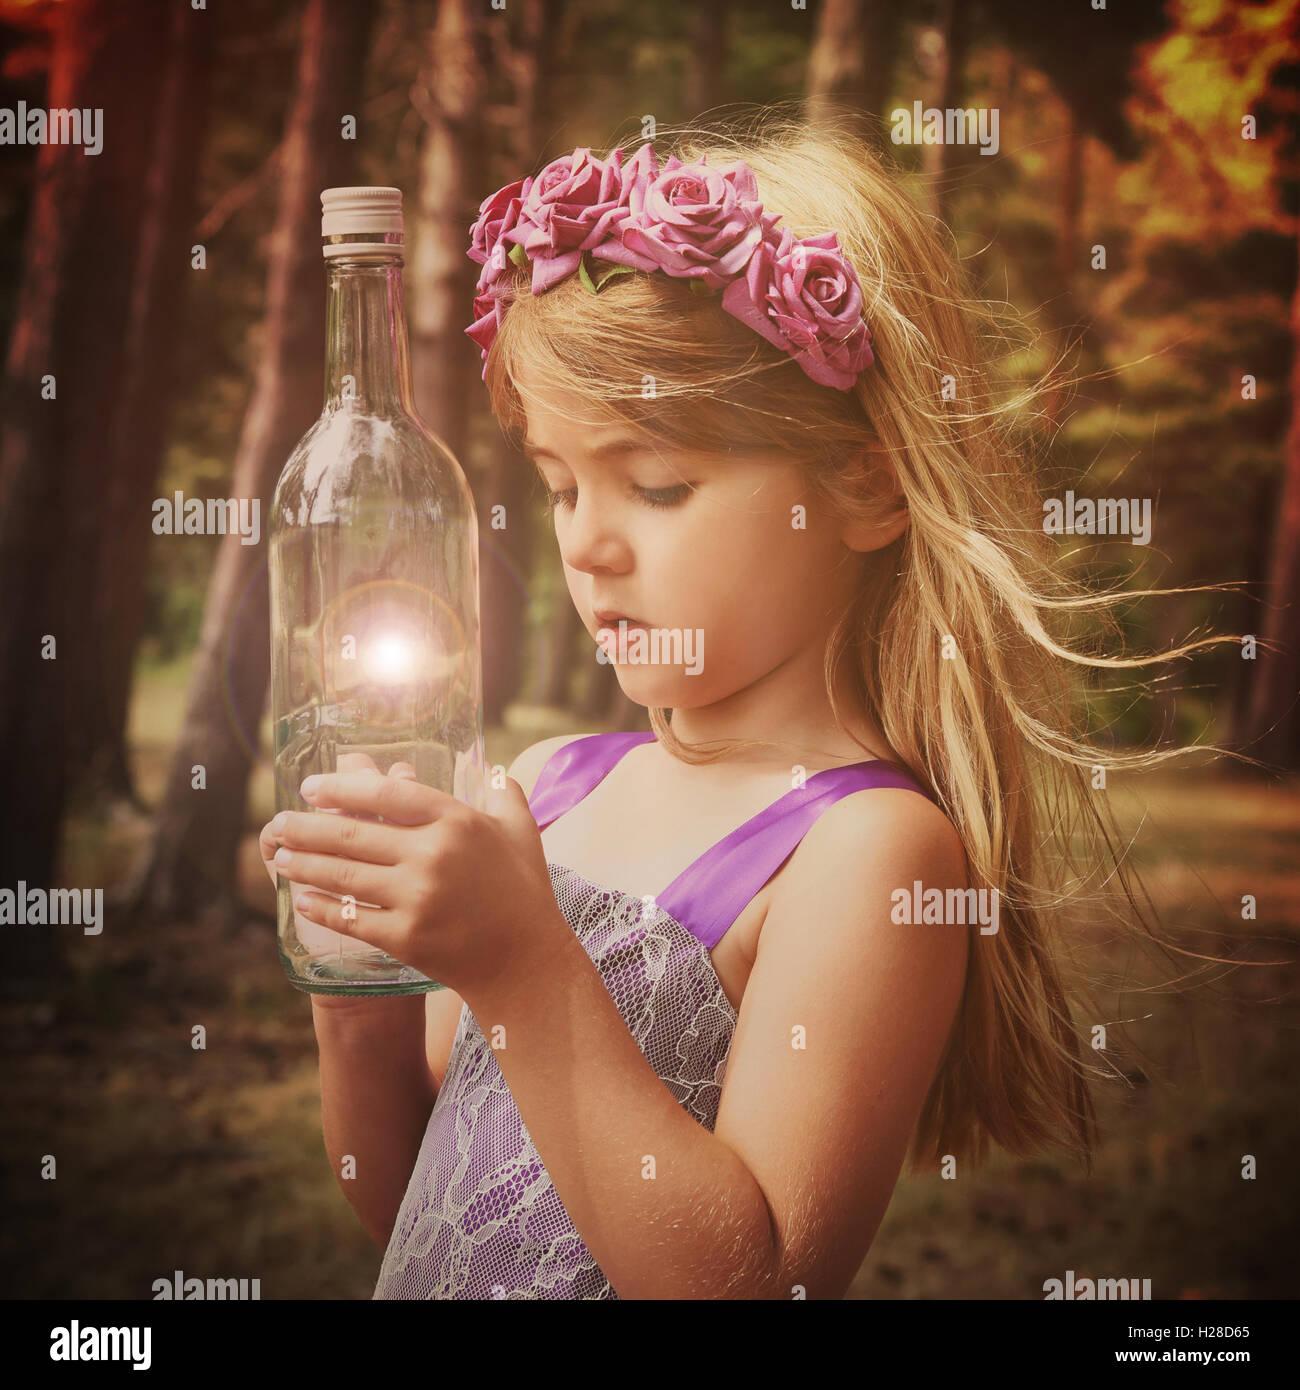 Une petite fée fille est dans les bois avec une bouteille magique pour une imagination ou fantaisie concept. Photo Stock